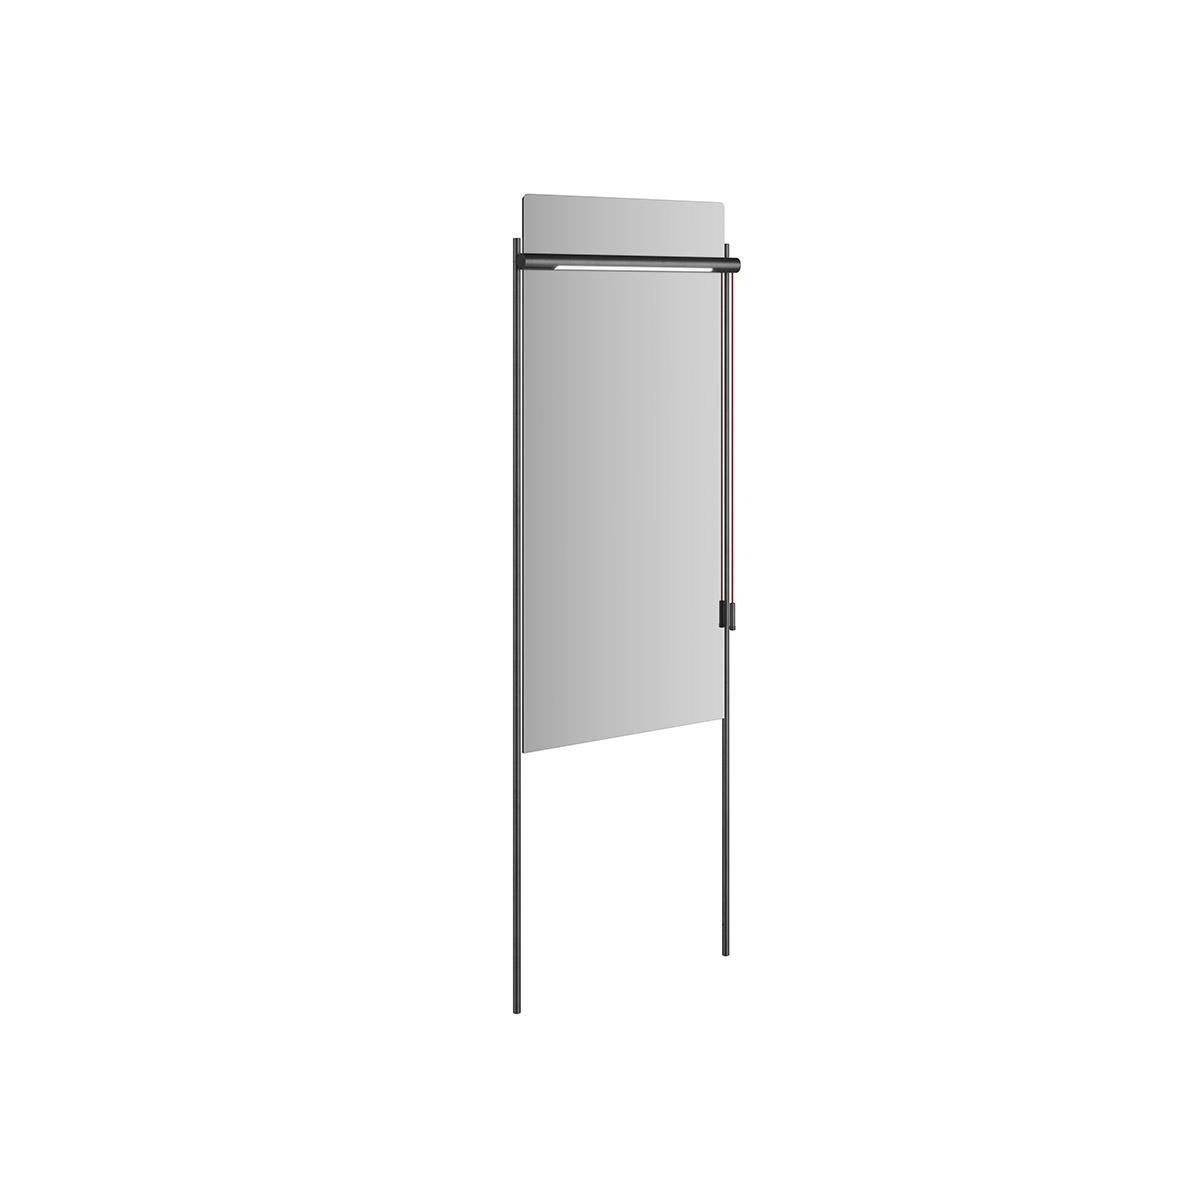 Equal Spiegel mit Beleuchtung und Metallrahmen, 46 cm